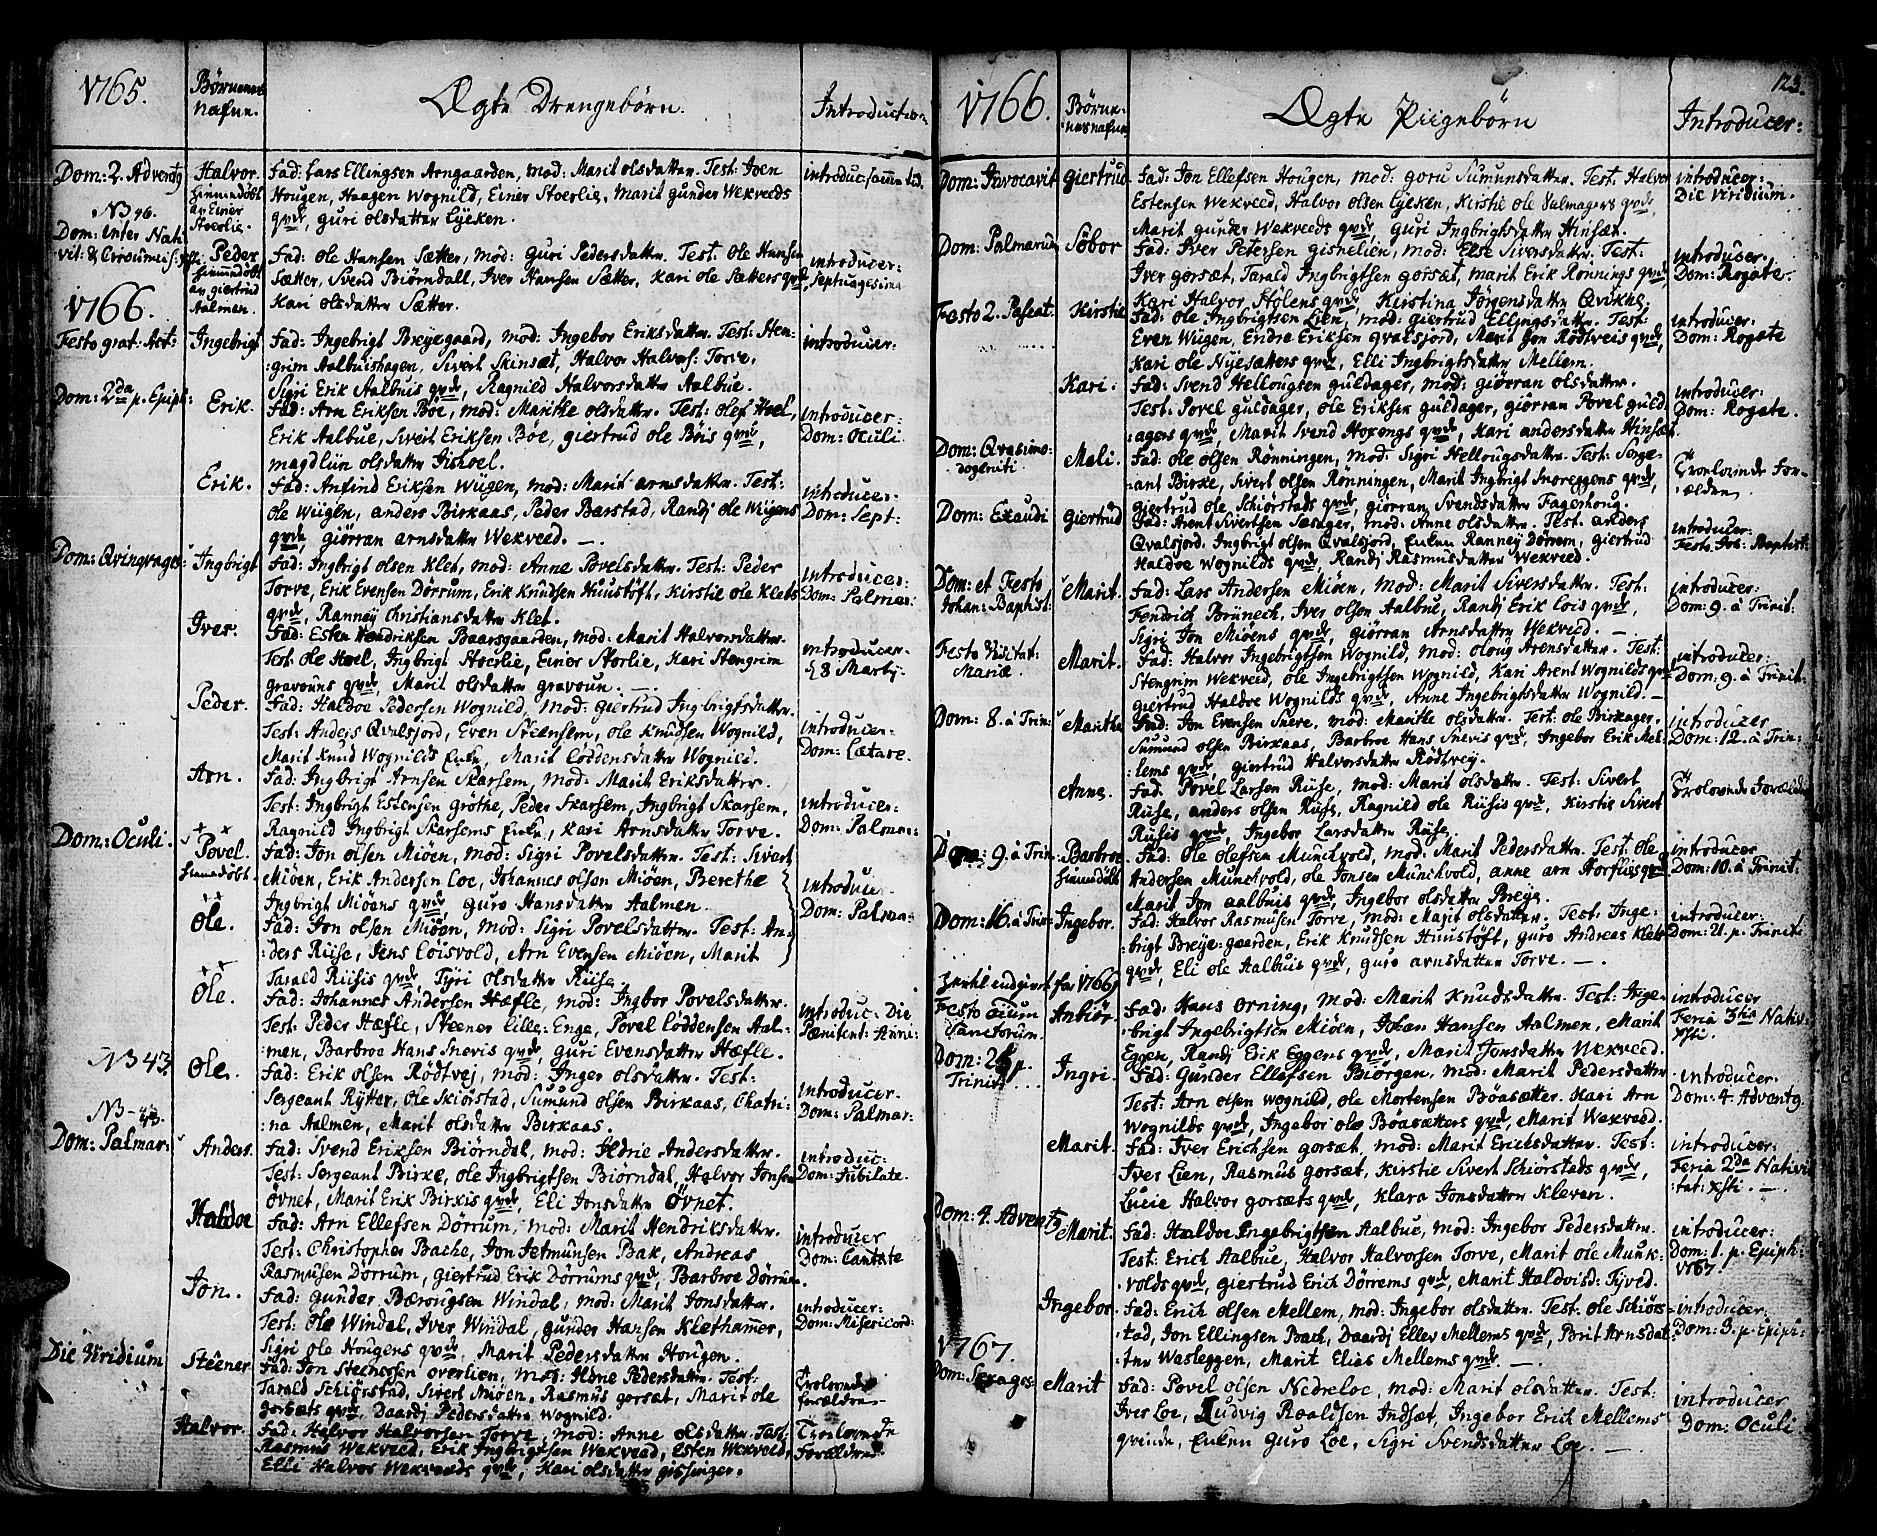 SAT, Ministerialprotokoller, klokkerbøker og fødselsregistre - Sør-Trøndelag, 678/L0891: Ministerialbok nr. 678A01, 1739-1780, s. 123